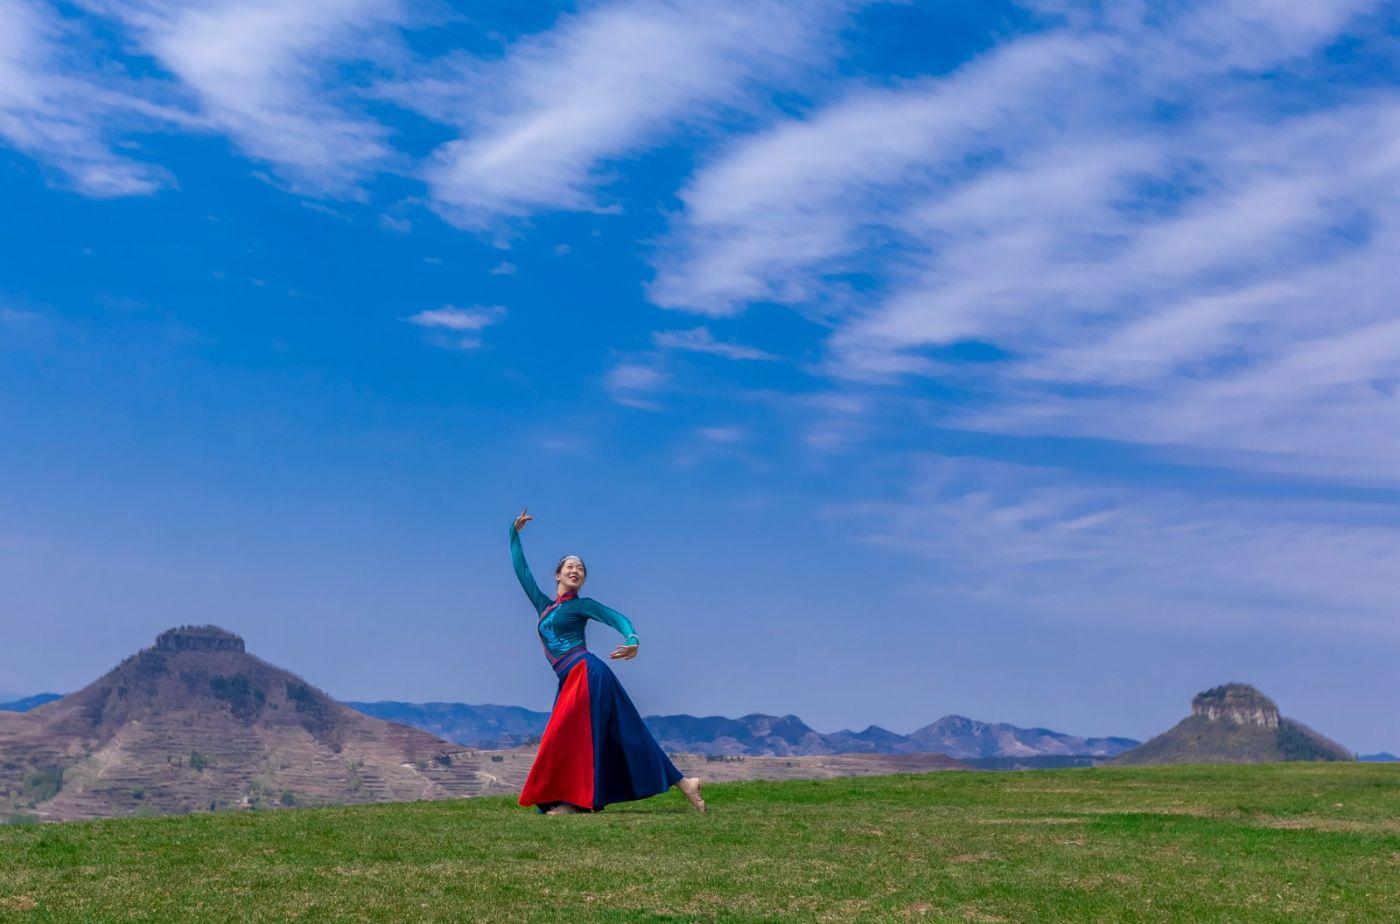 崮上草原有位女孩在翩翩起舞 她要和你邂逅在崮上花开的季节 ..._图1-36